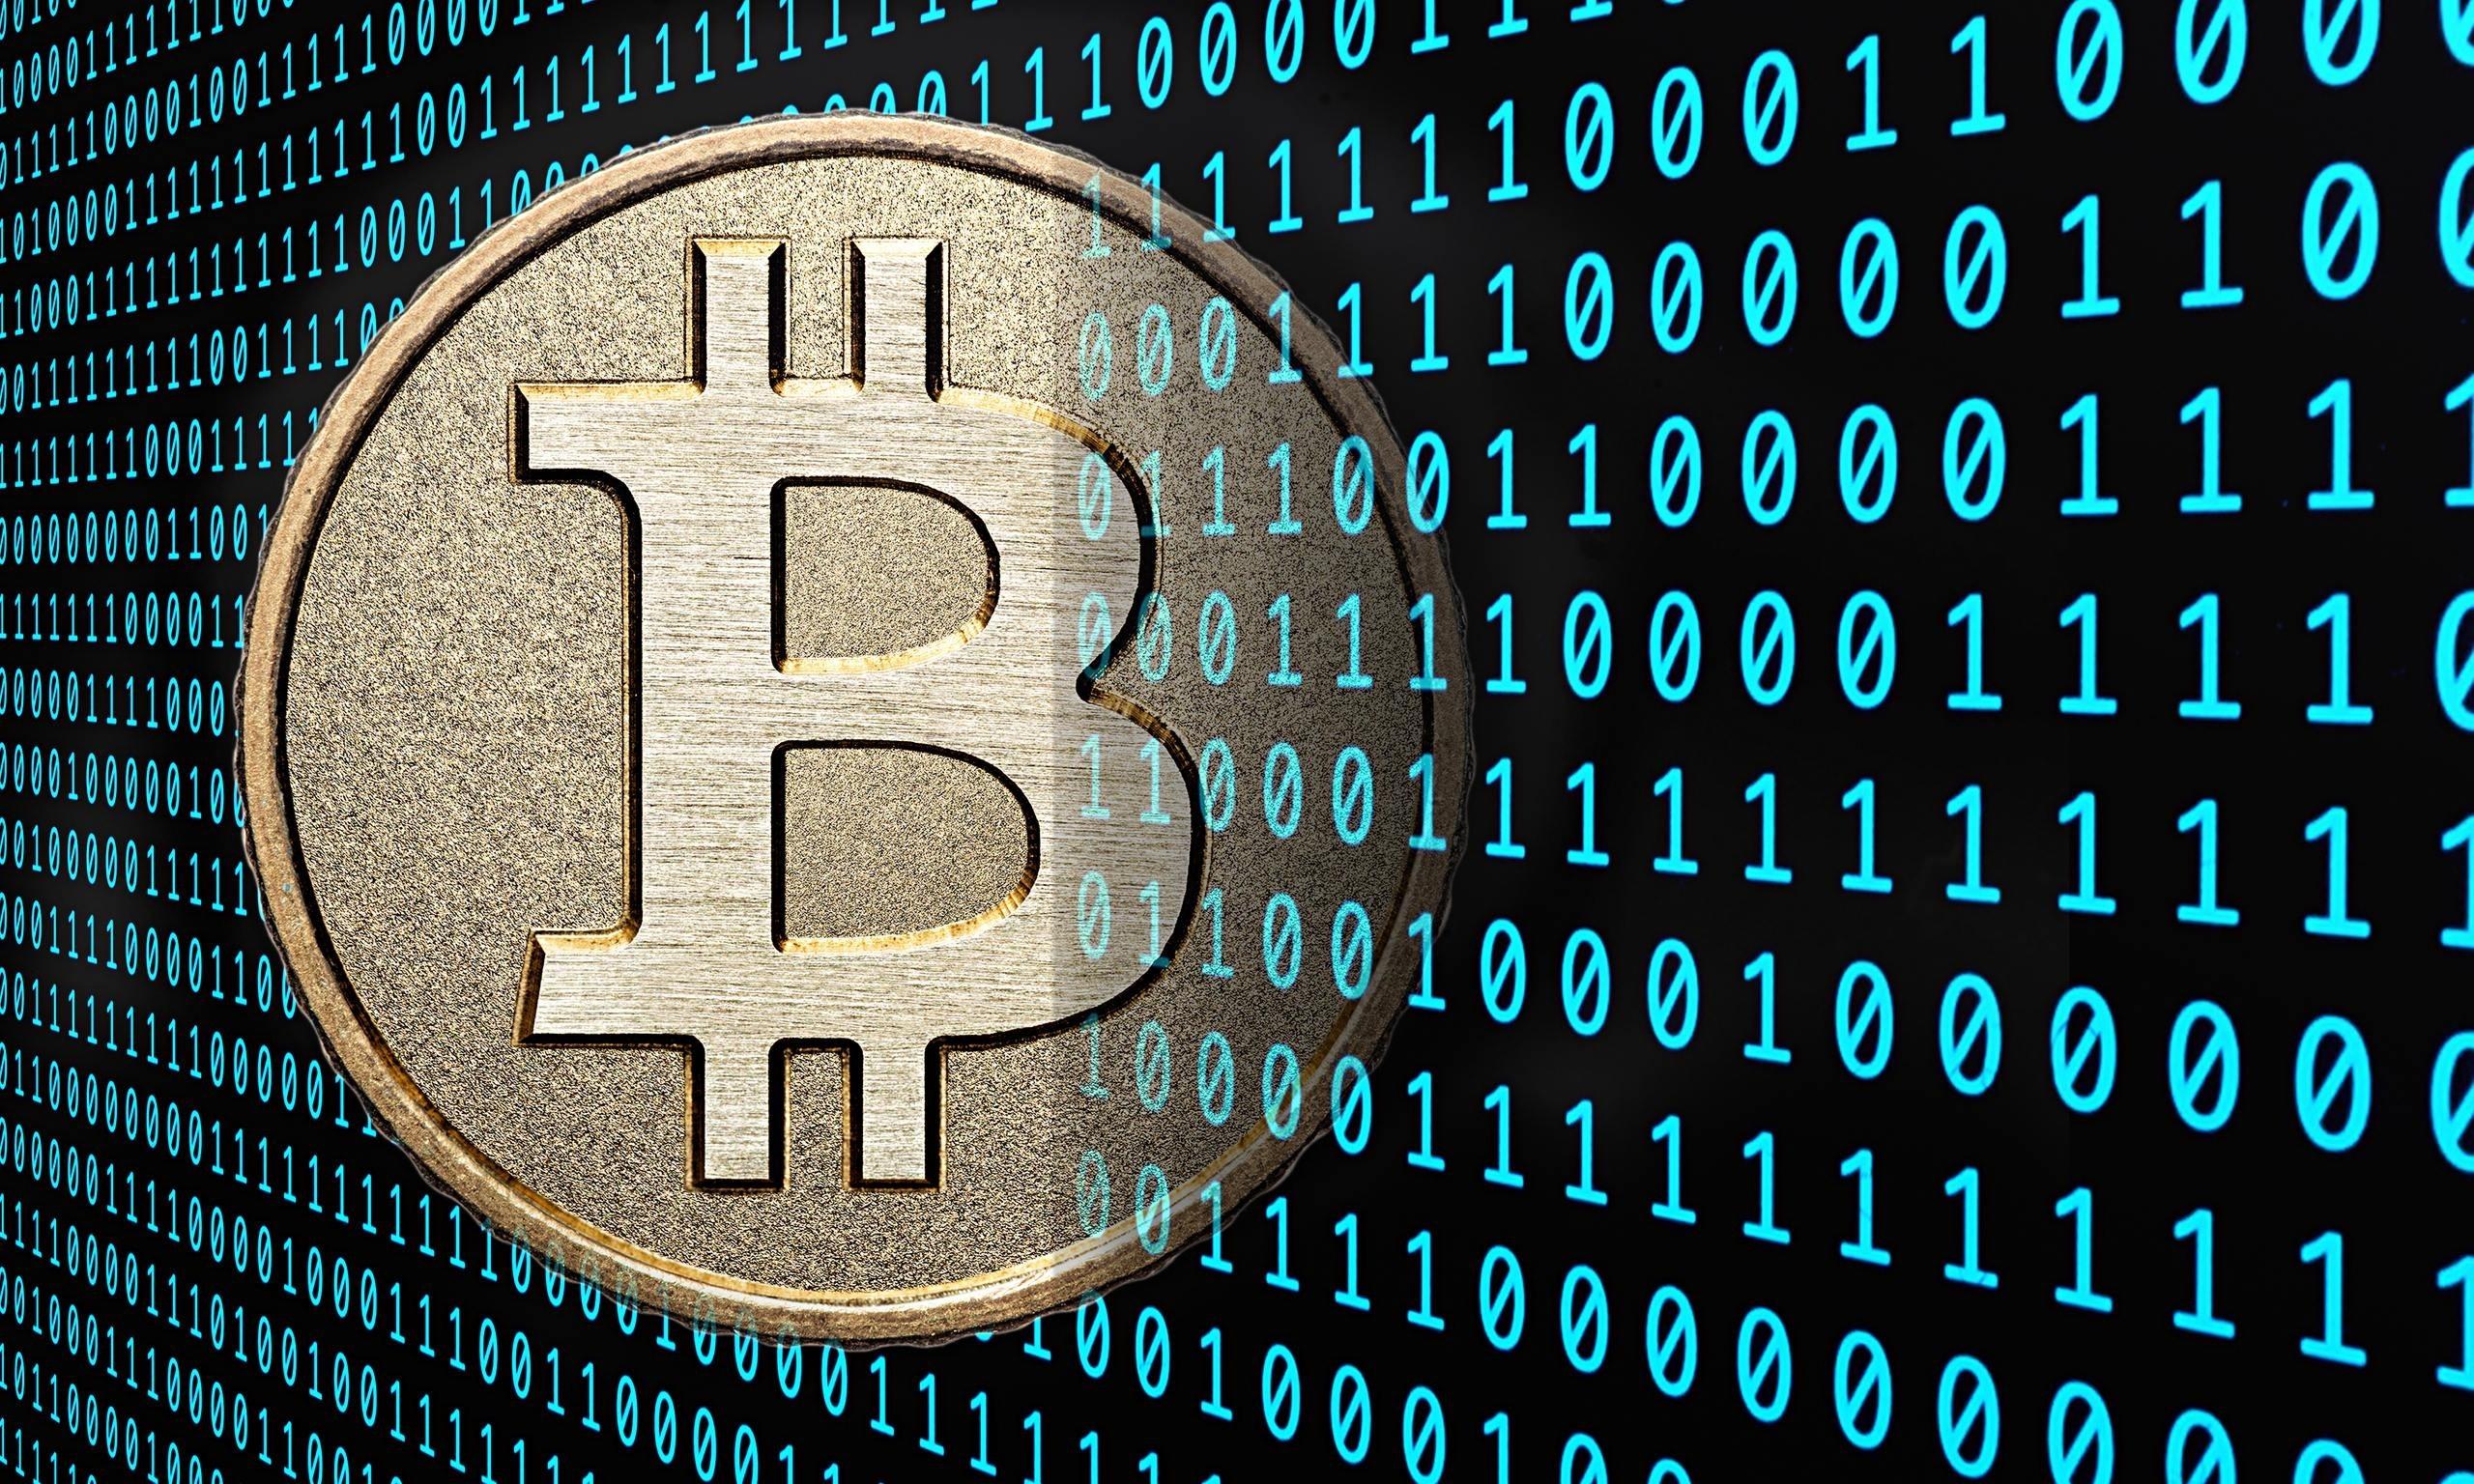 Desvelado el misterio sobre el fundador de Bitcoin